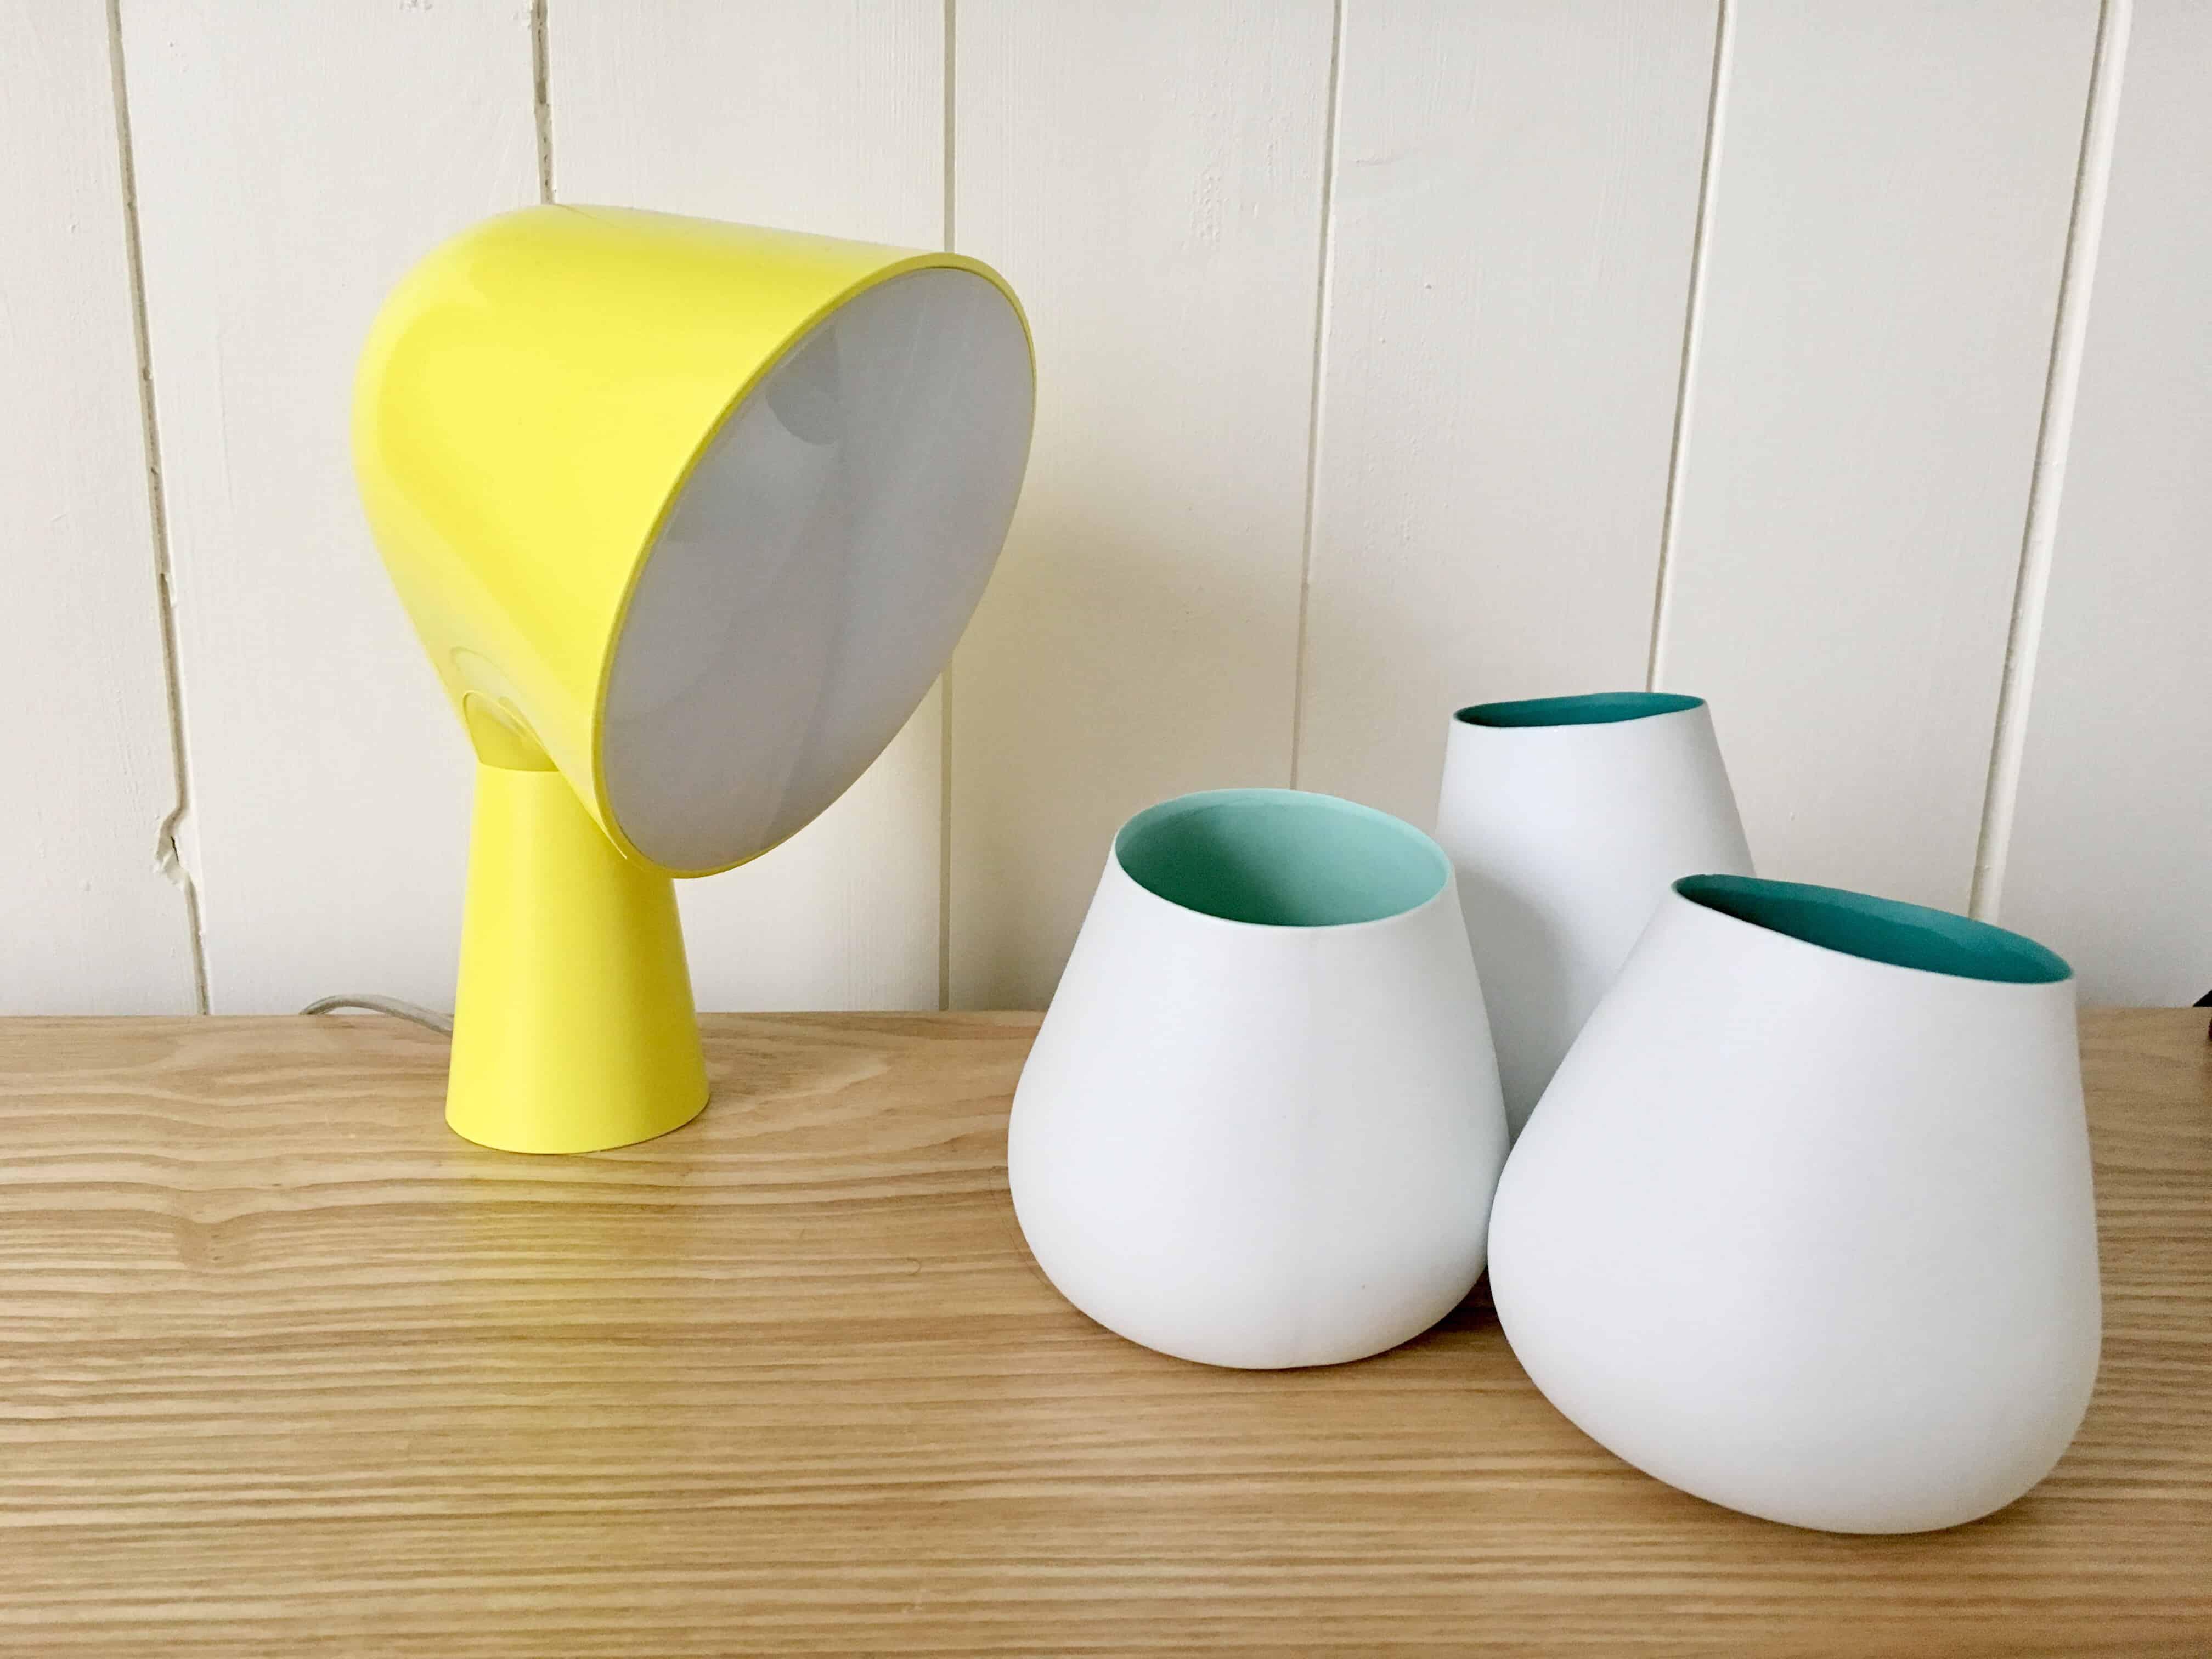 15 lampes pour clairer la maison tout l hiver. Black Bedroom Furniture Sets. Home Design Ideas